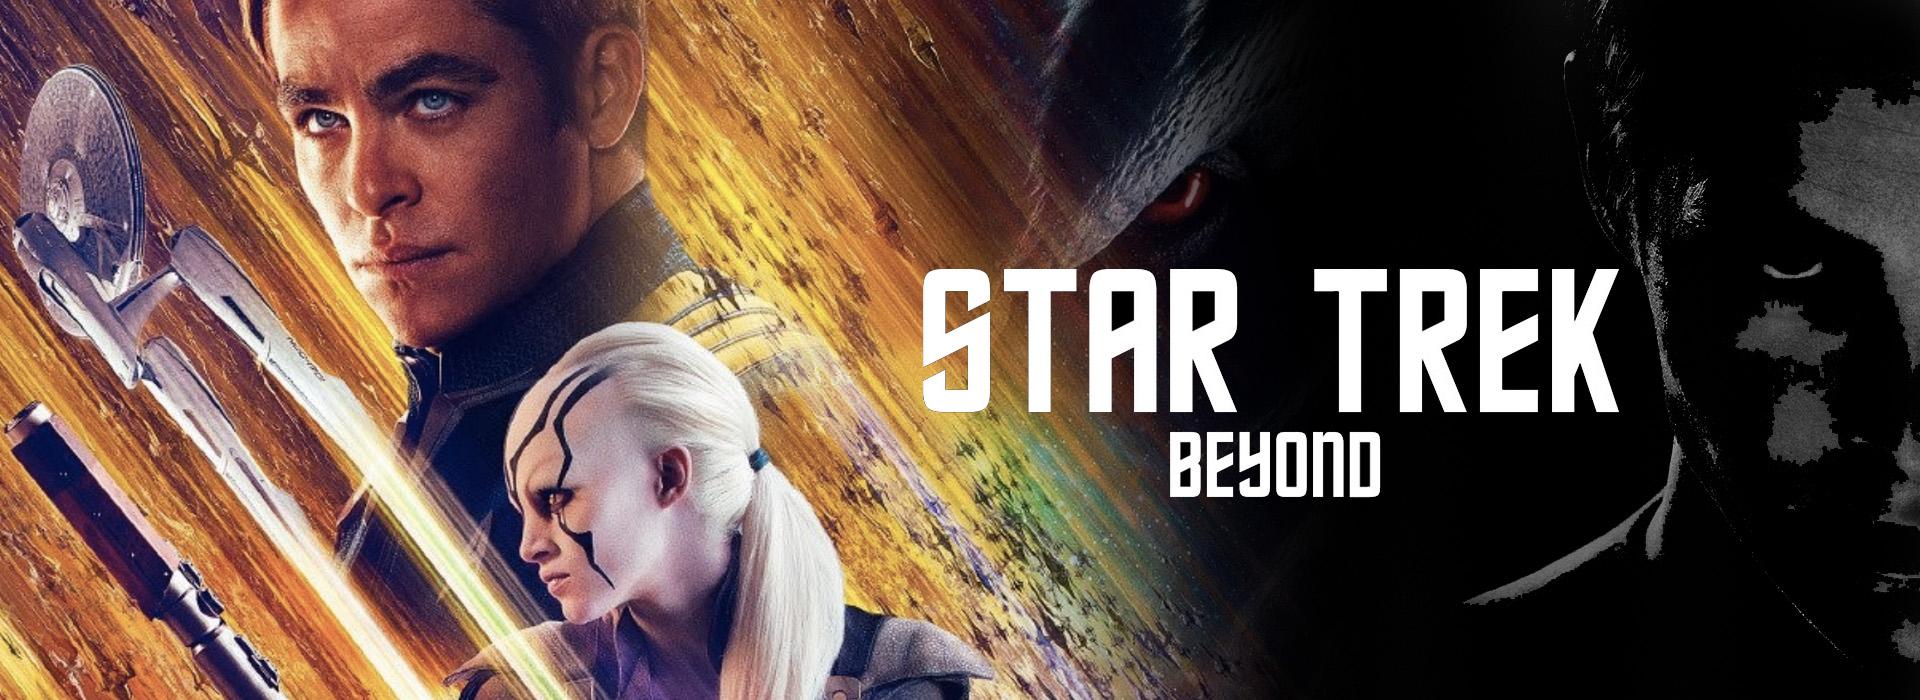 Star-Trek-Sonsuzluk-1